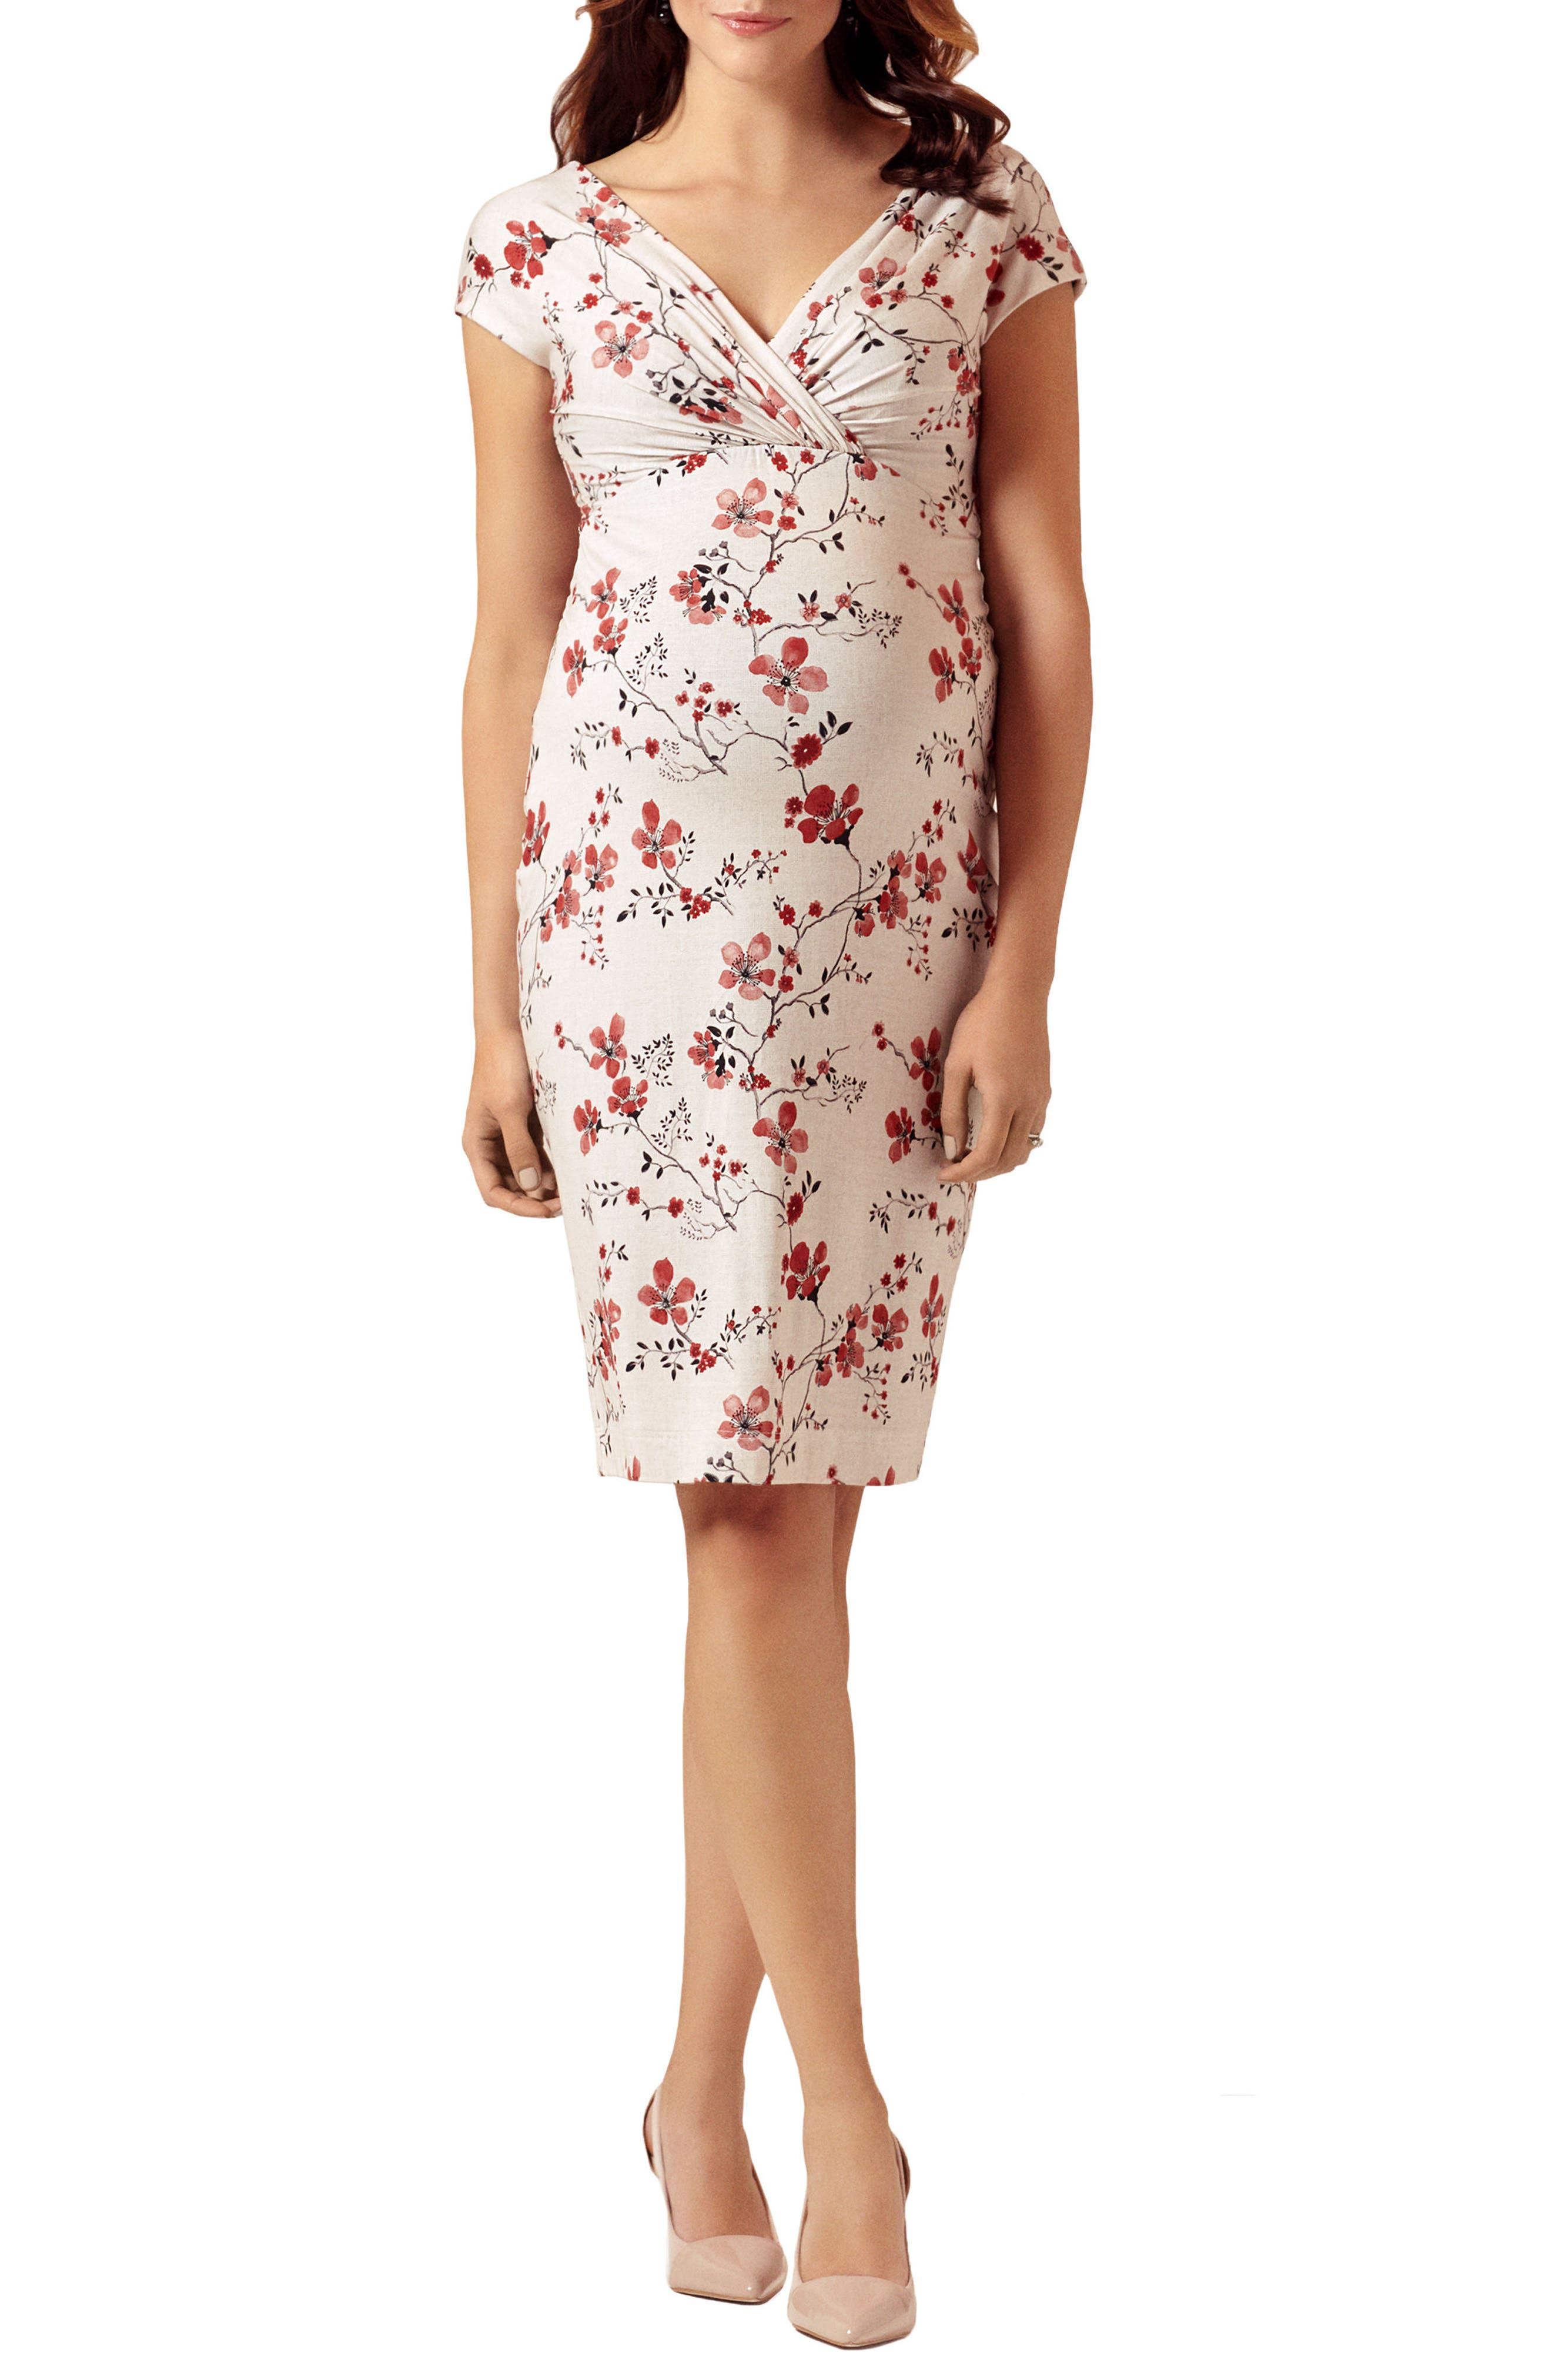 Bardot Maternity Sheath Dress,                         Main,                         color, CHERRY BLOSSOM